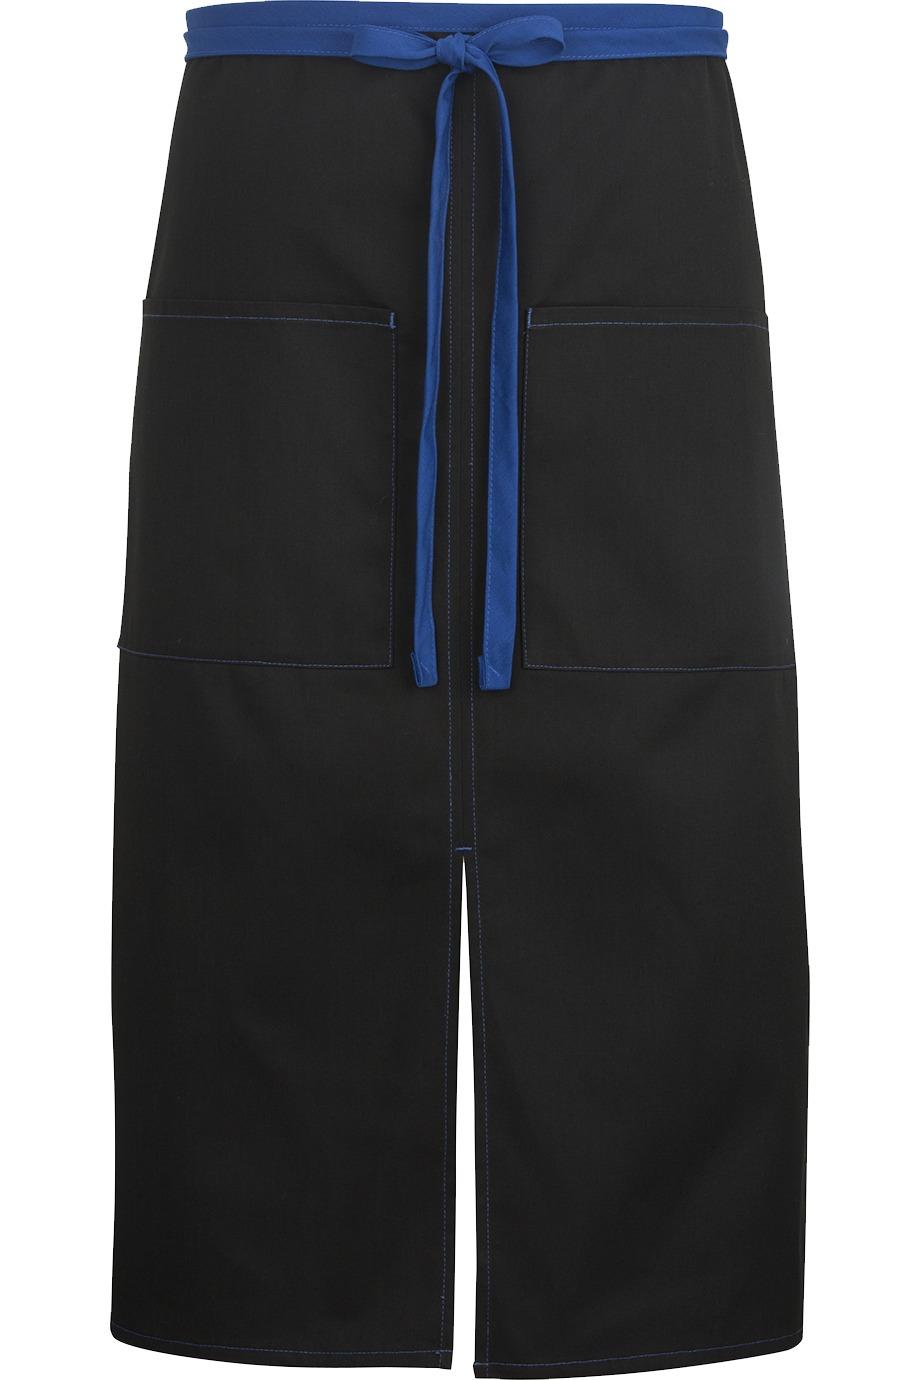 Edwards Garment 9026 - Split Bistro Apron-Color Block